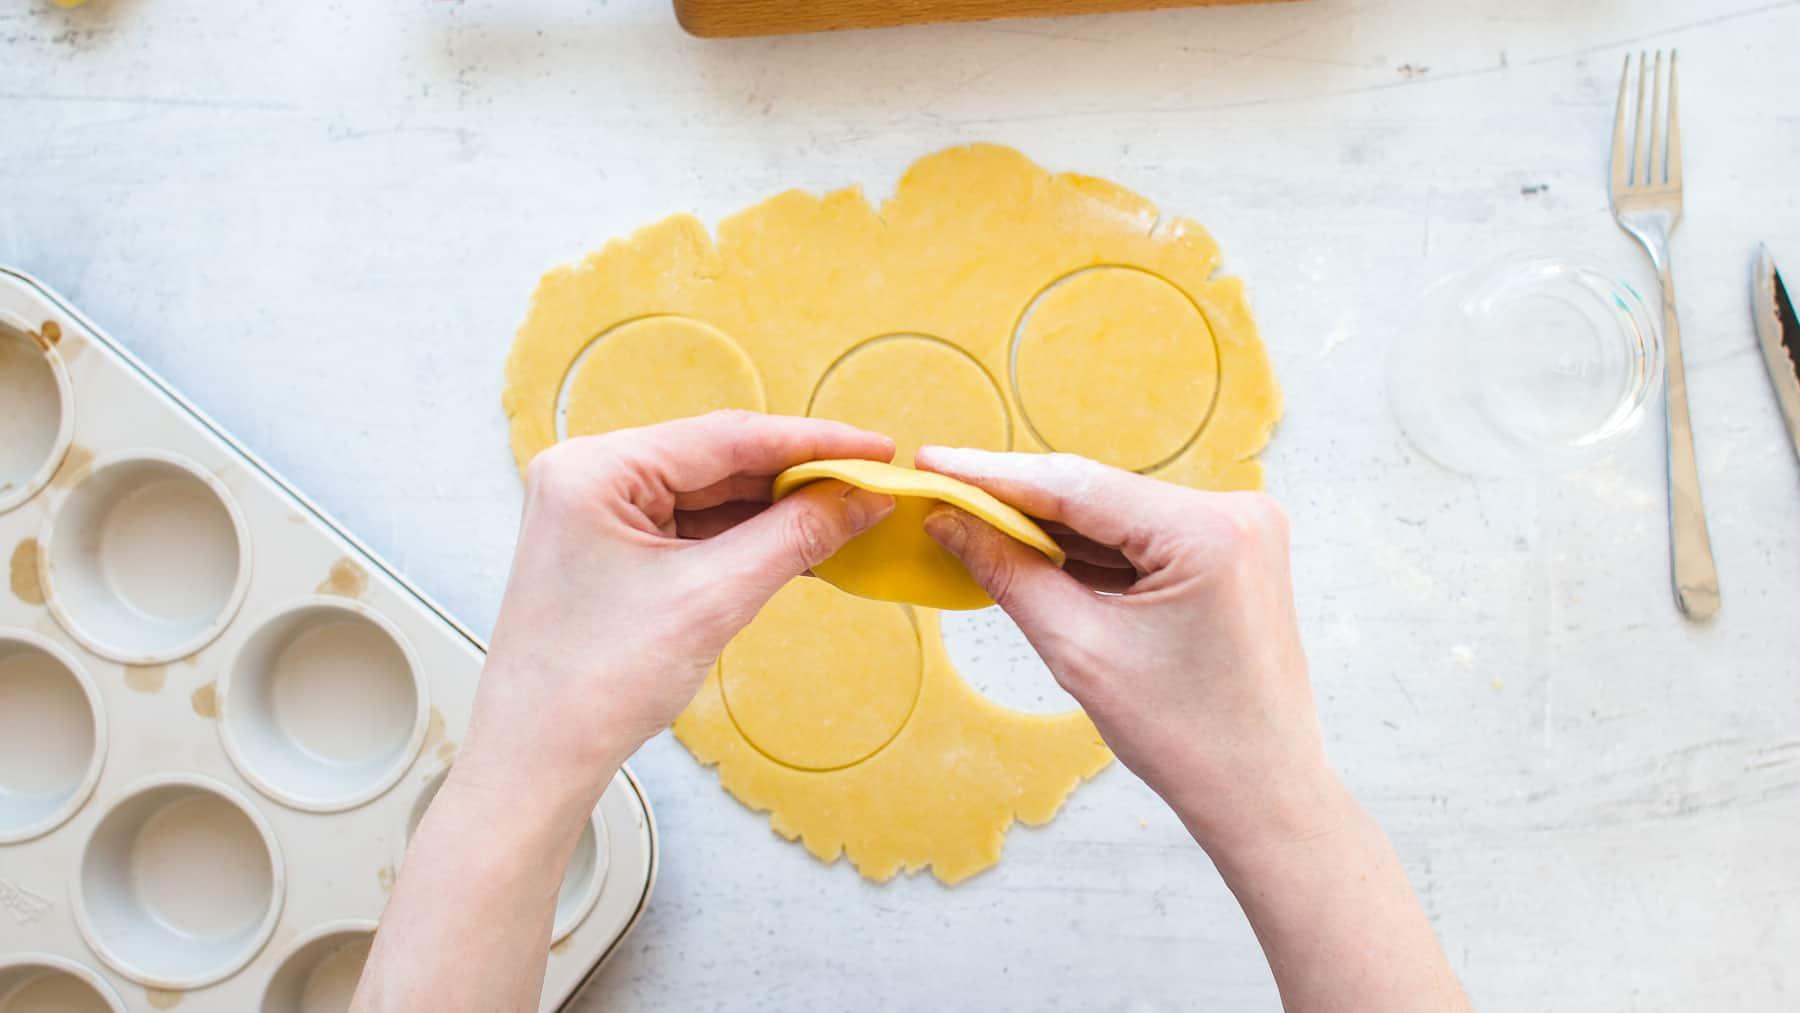 Flattening the crust between the fingers